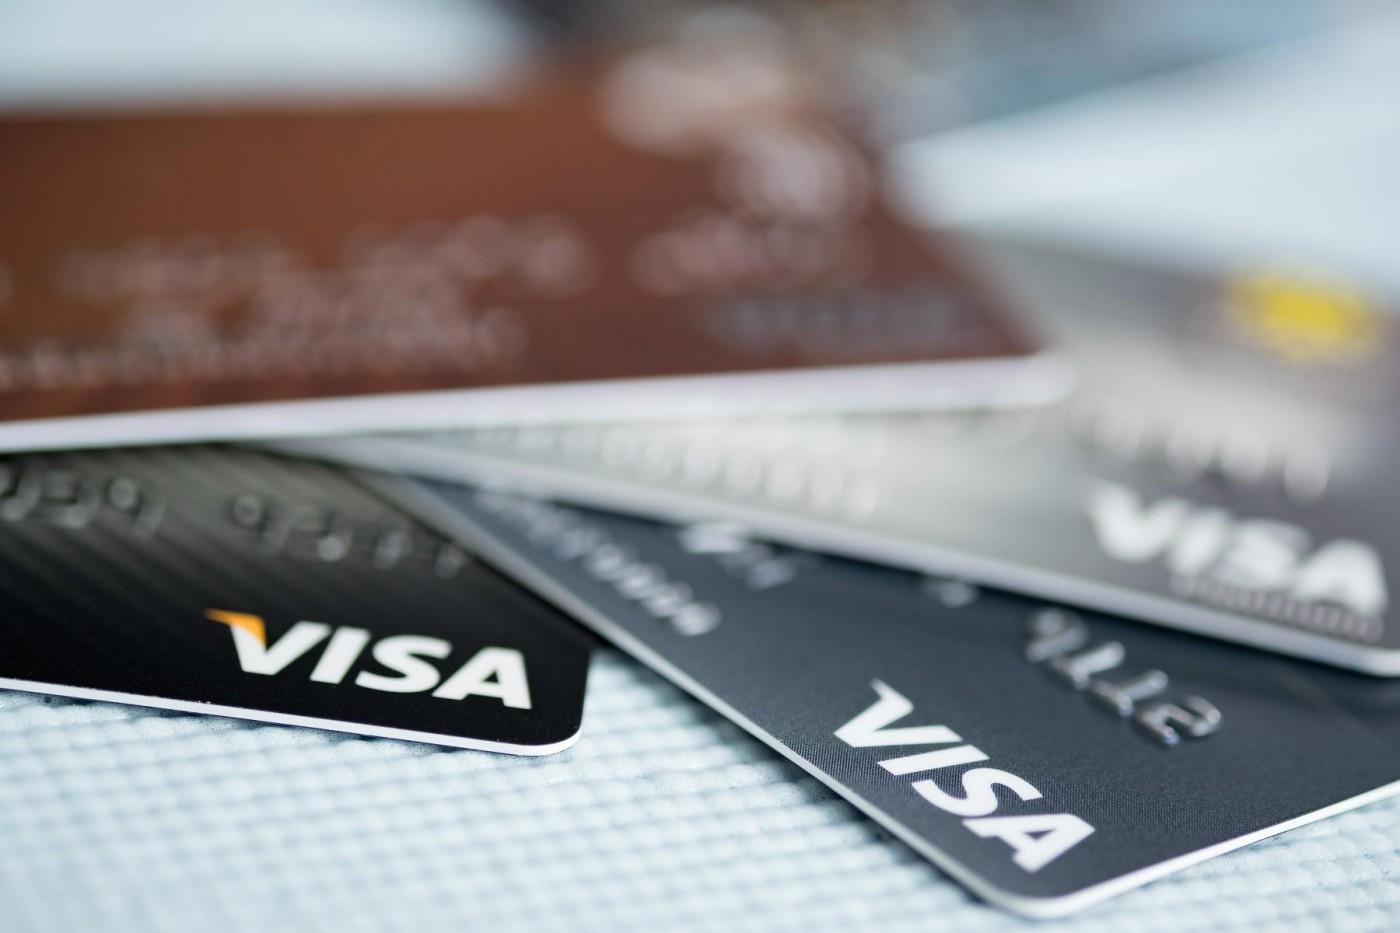 刷卡買虛擬貨幣費用大增,VISA、萬事達卡將提高手續費、利息